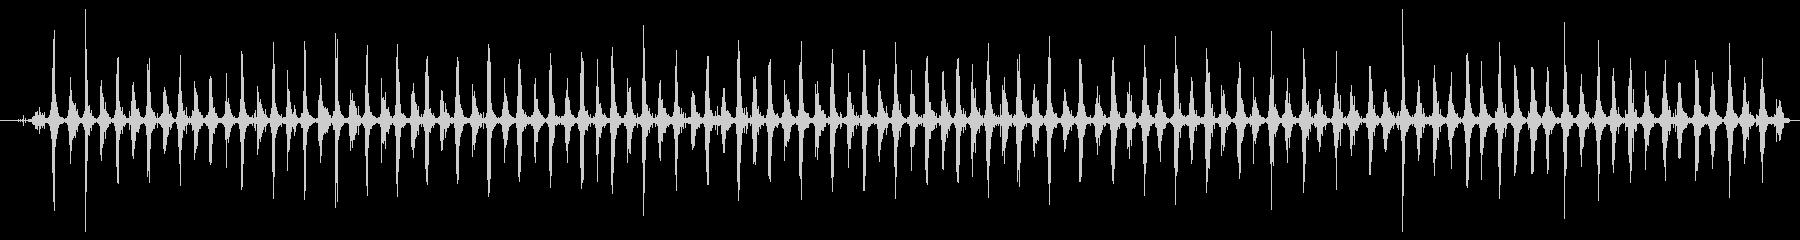 シェーカー ウッドラトルスローハード01の未再生の波形